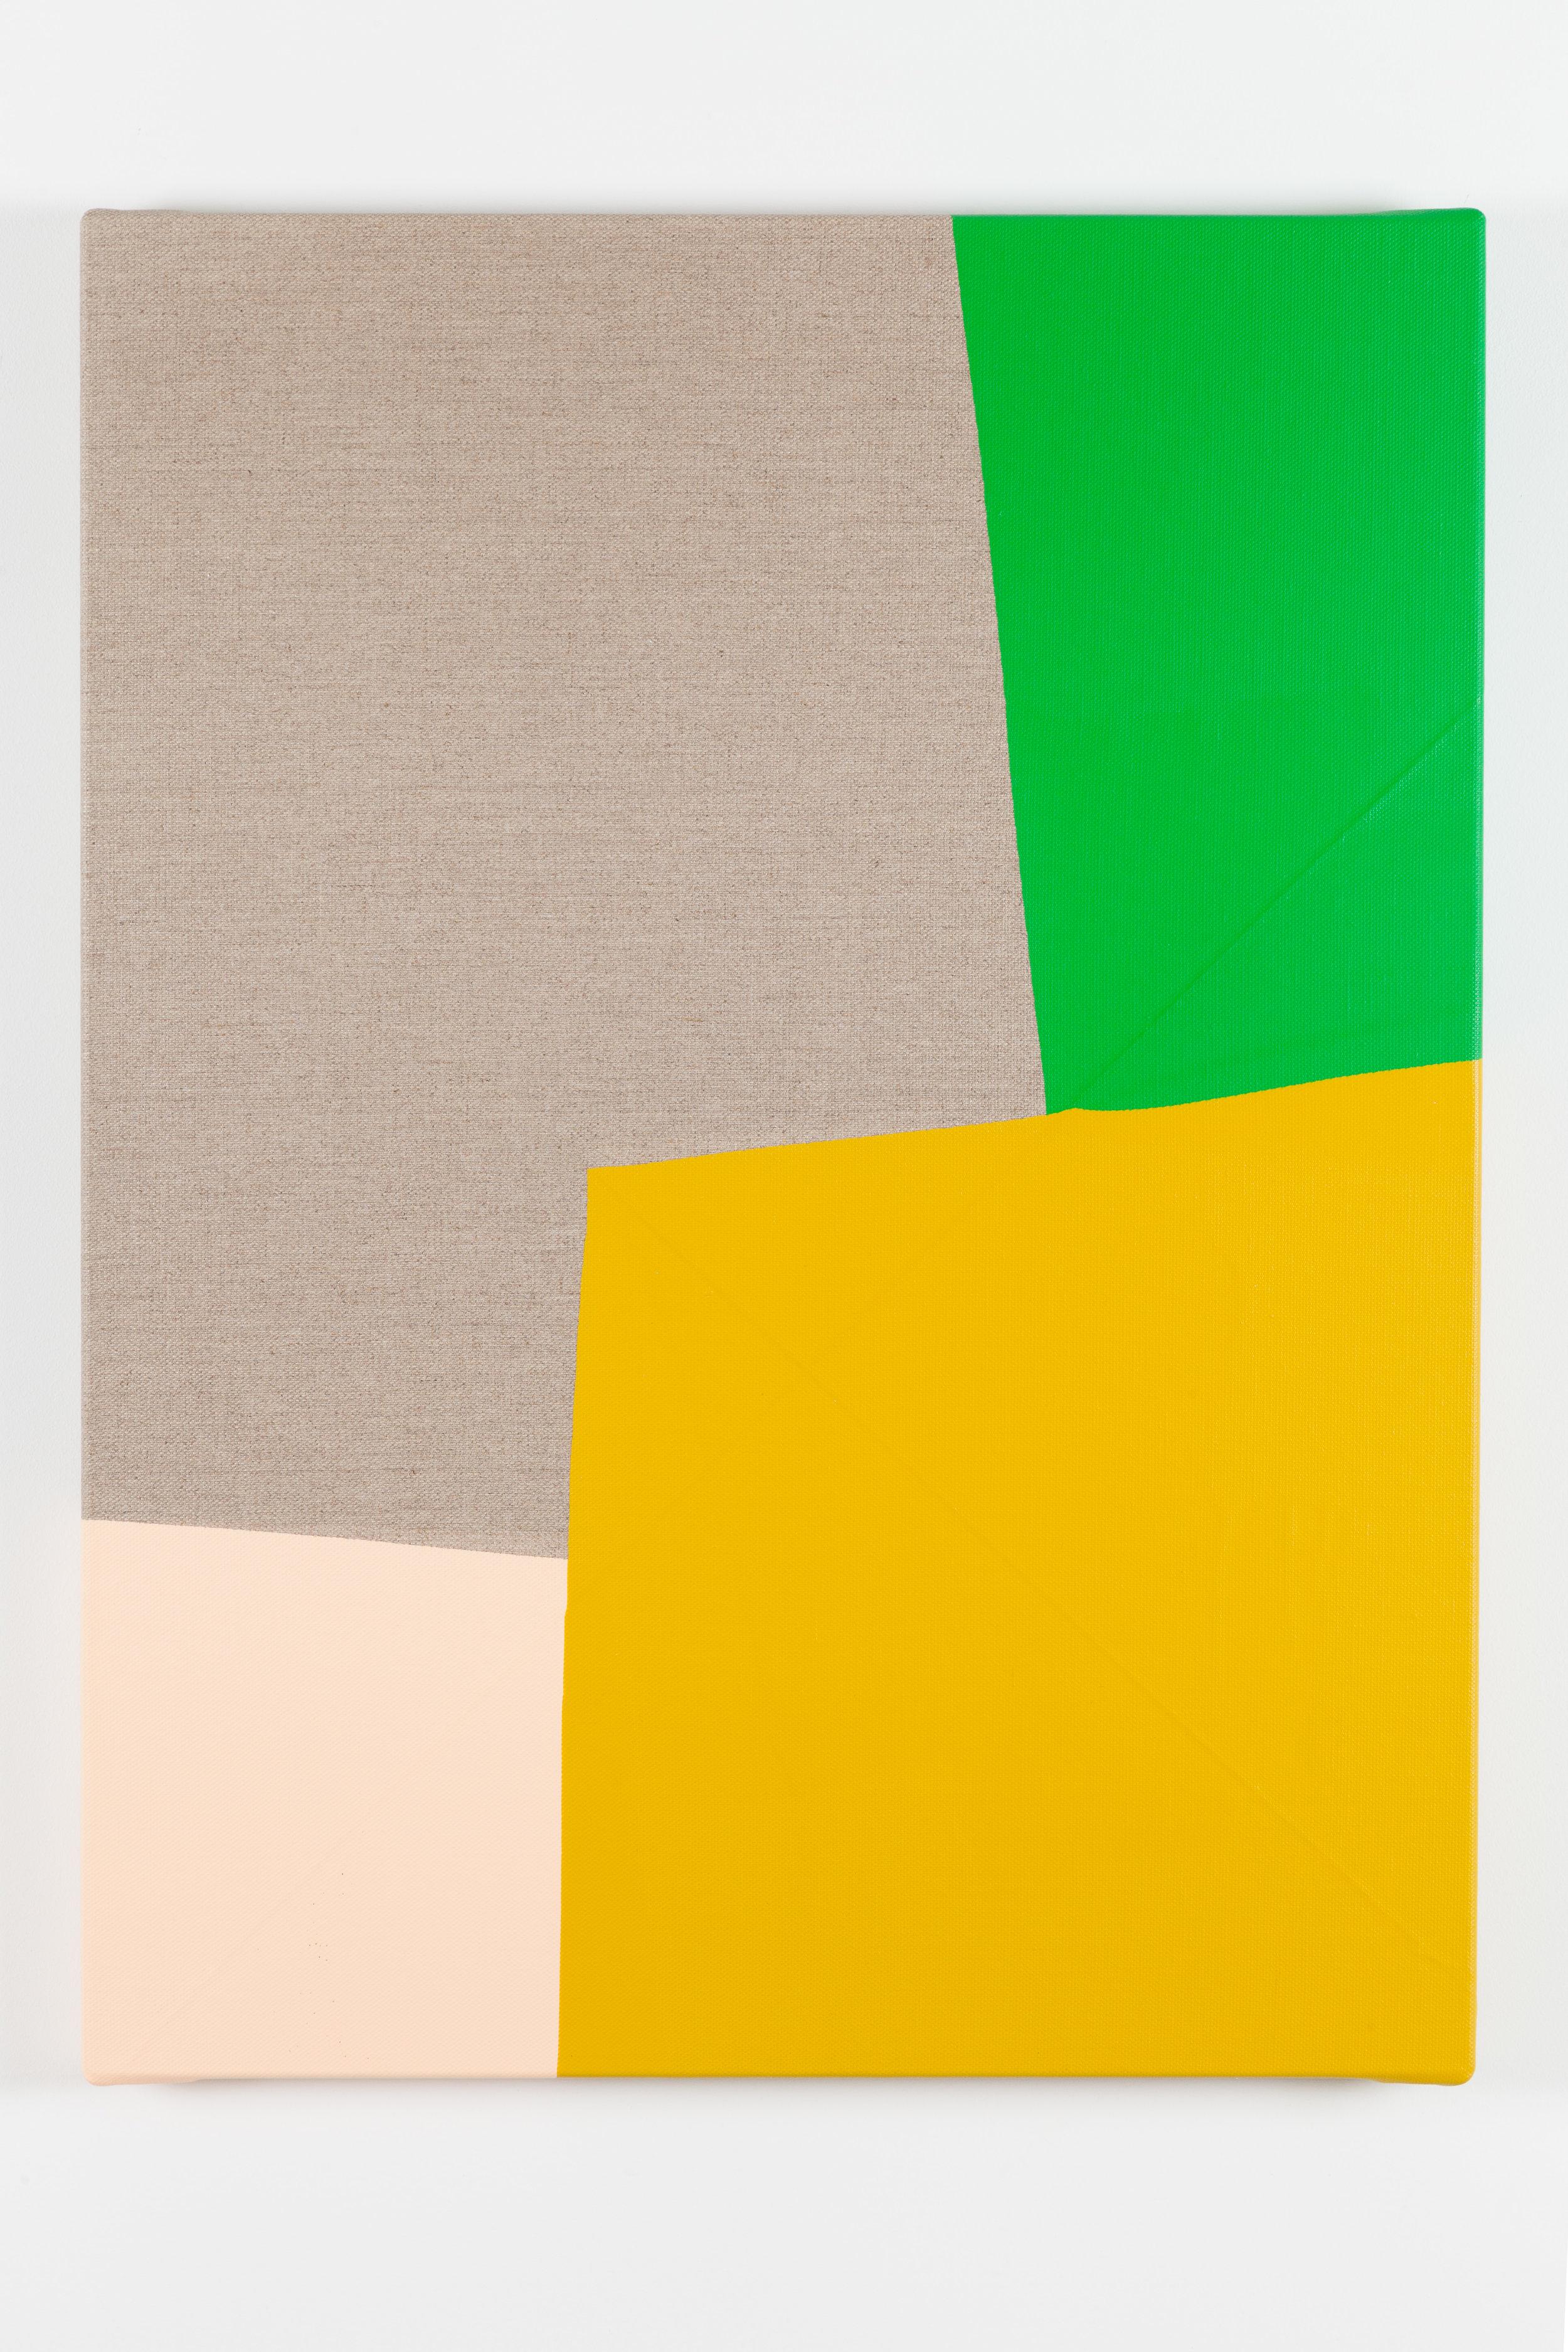 Dip / 4. 2017. Acrylic on linen canvas. 79,5 x 60 x 3,5 cm.